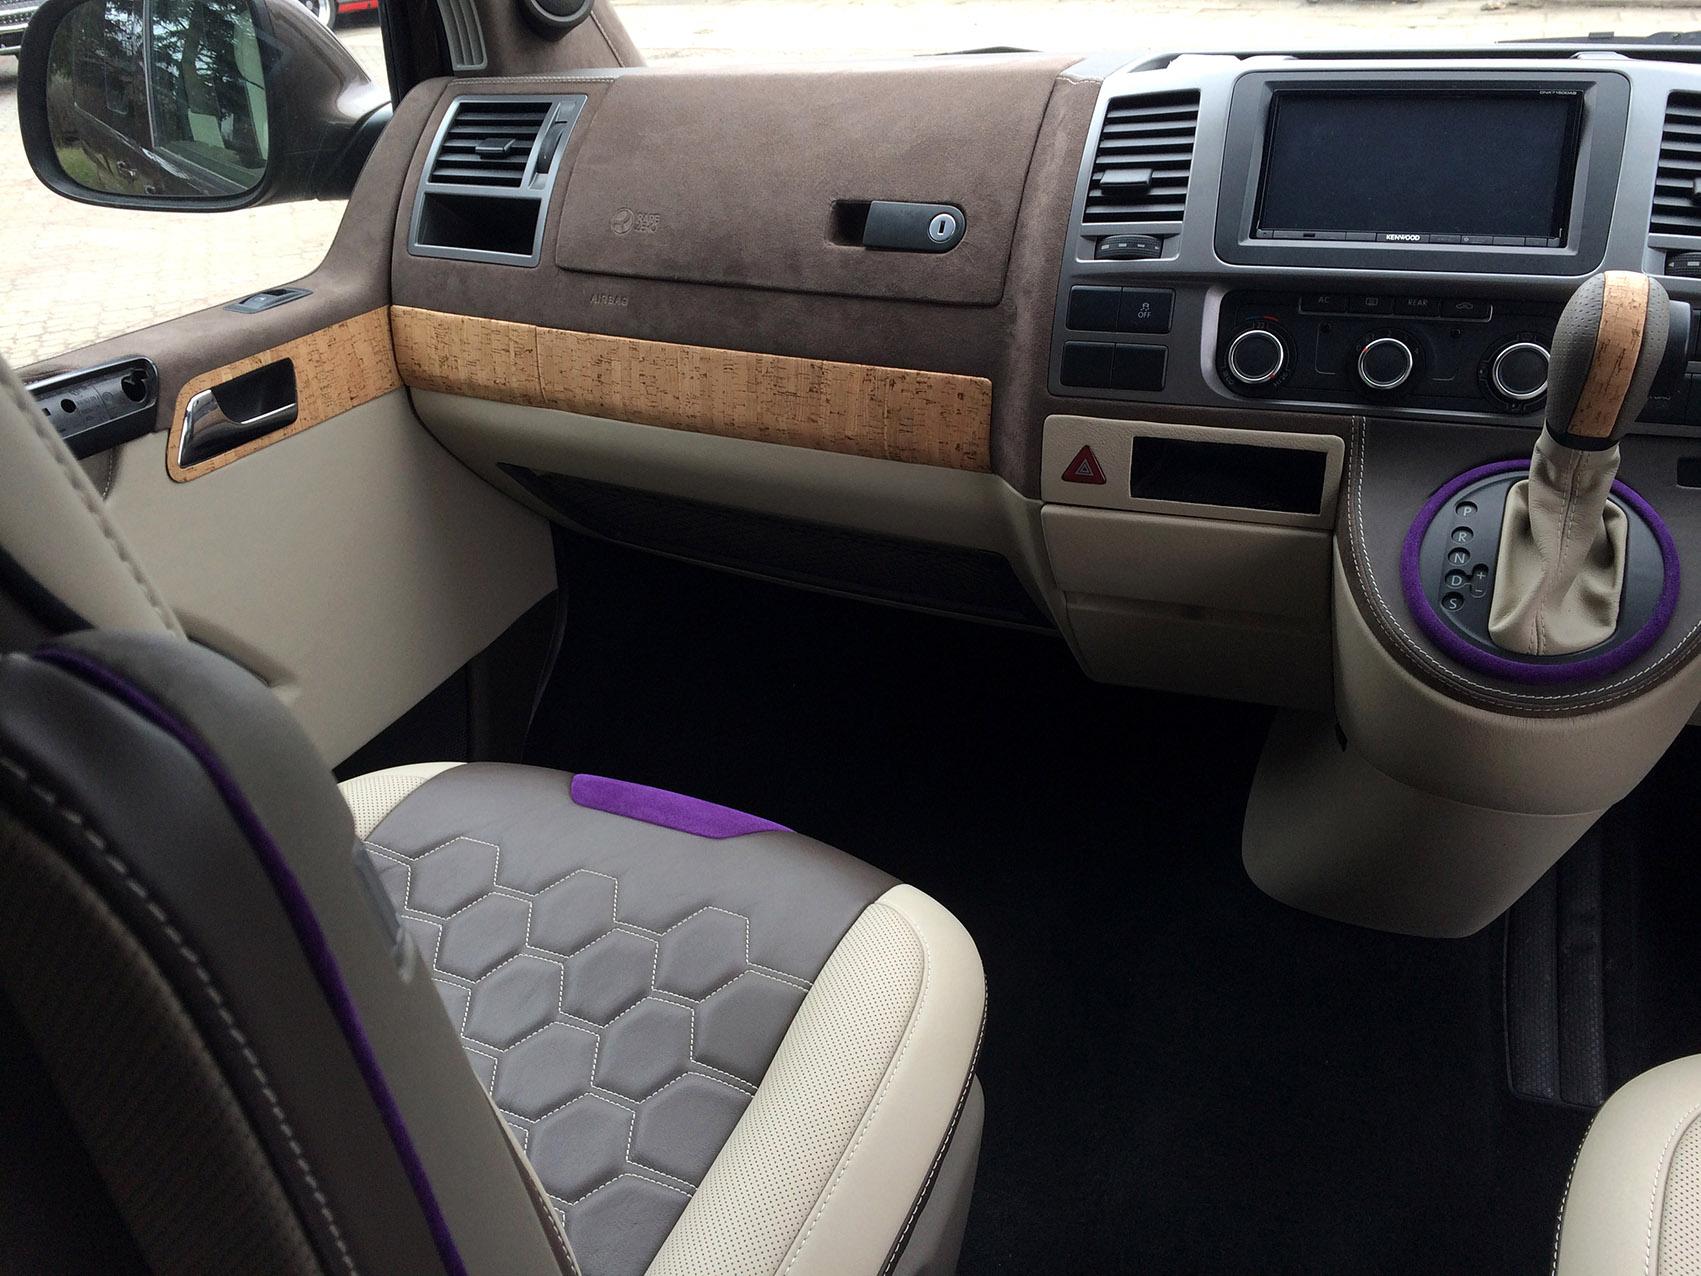 VW T5 Multivan 06